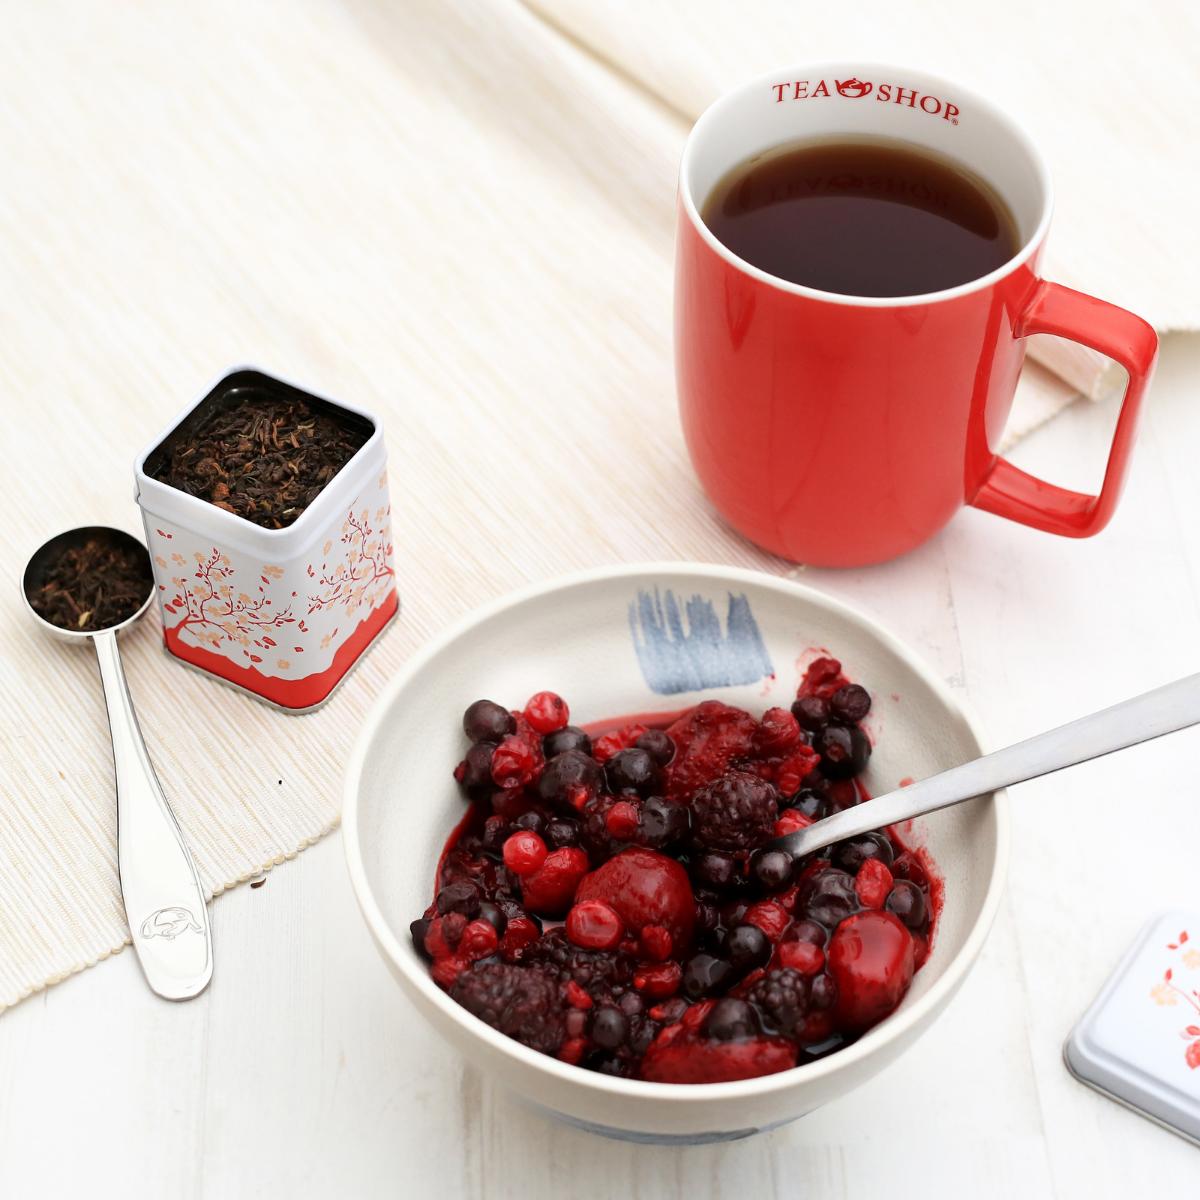 Imagem - 5 benefícios do chá vermelho